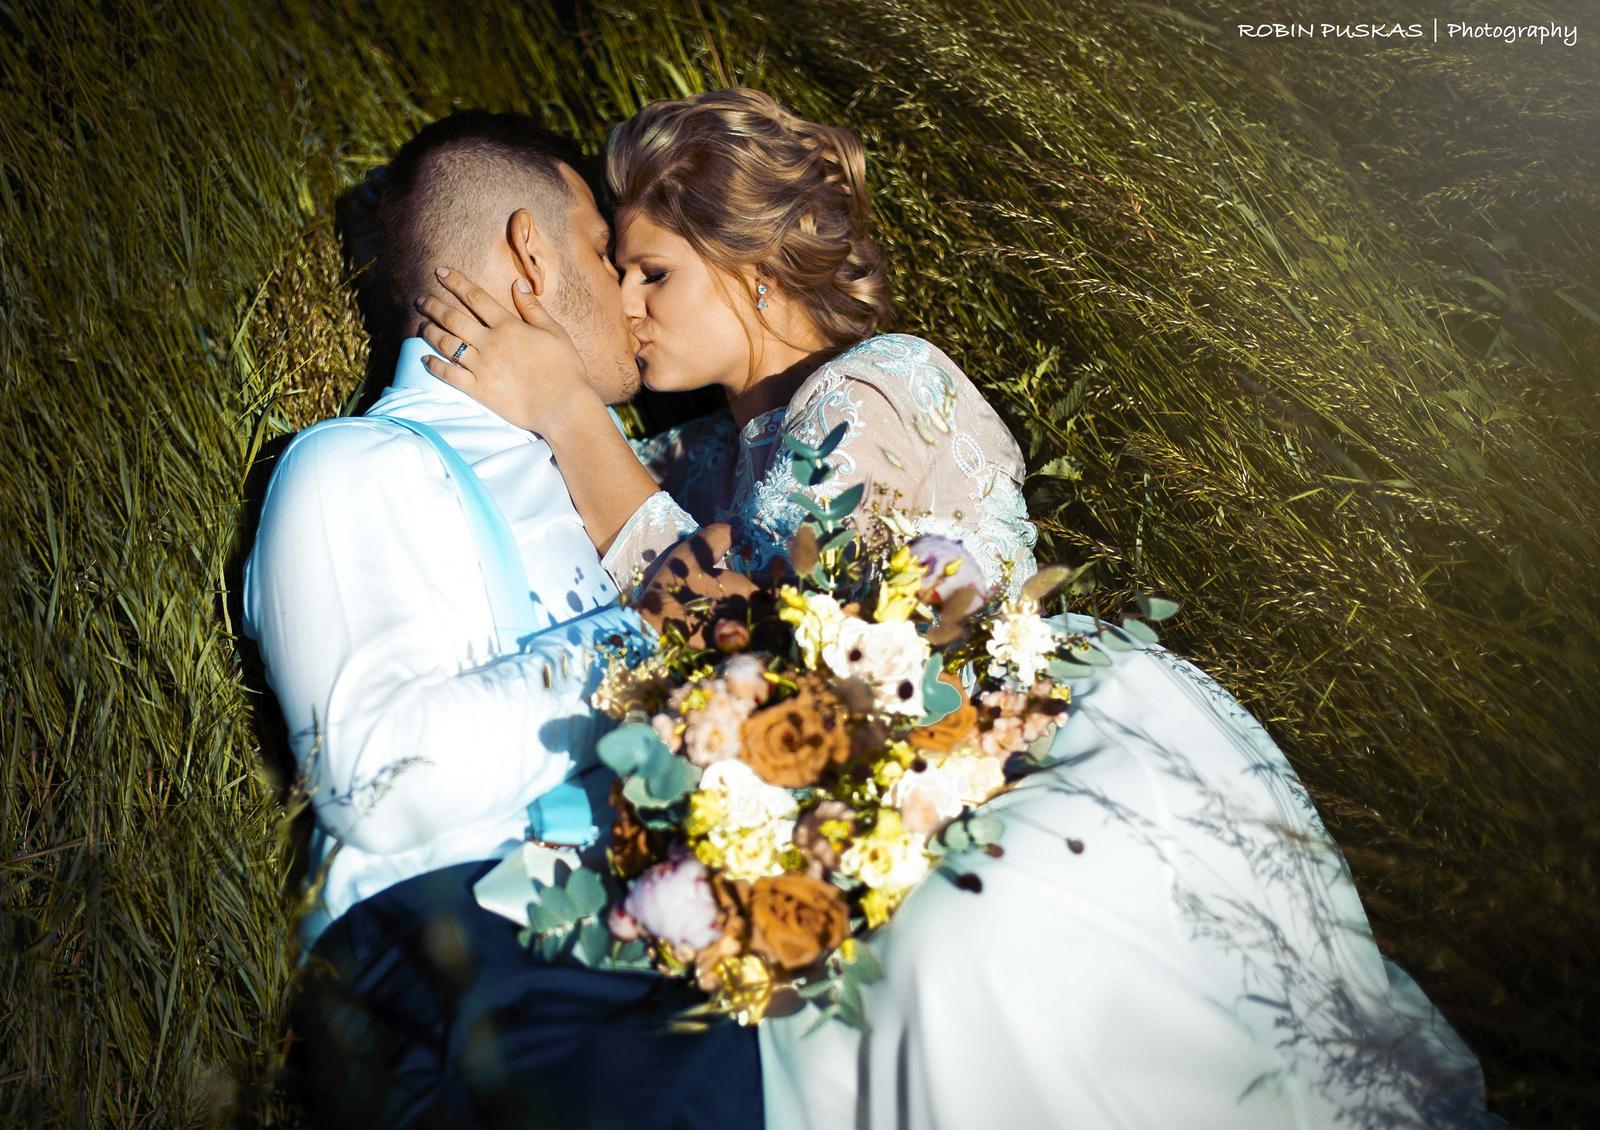 Weddings 👰2019 - Obrázek č. 7